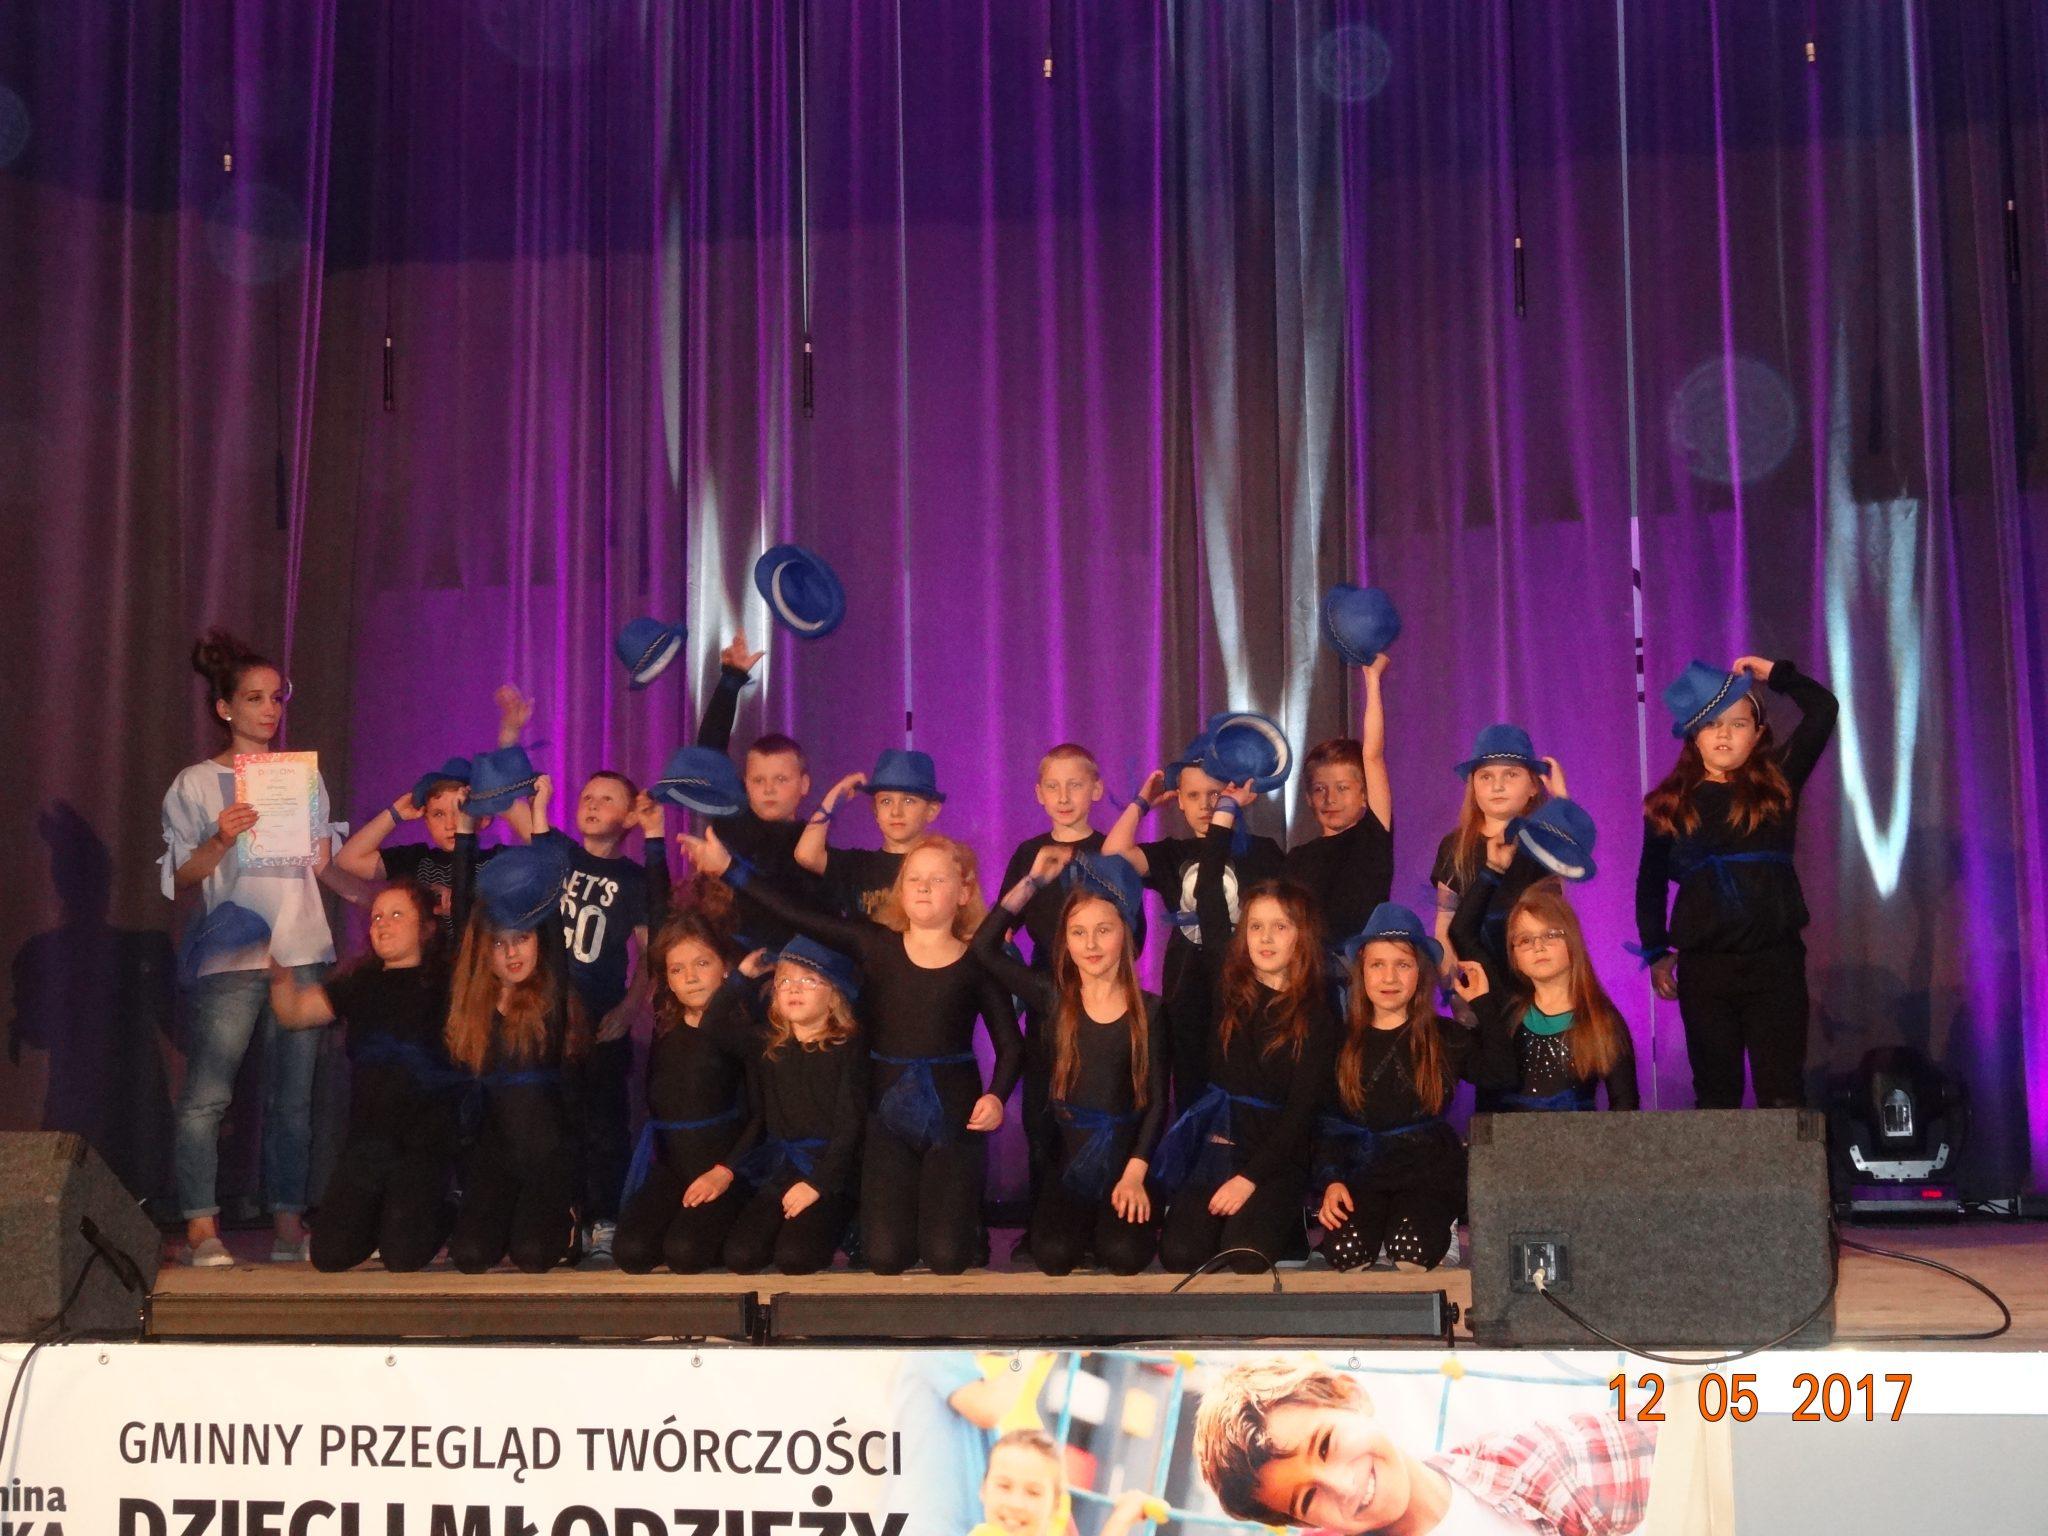 Grupa Fistaszki